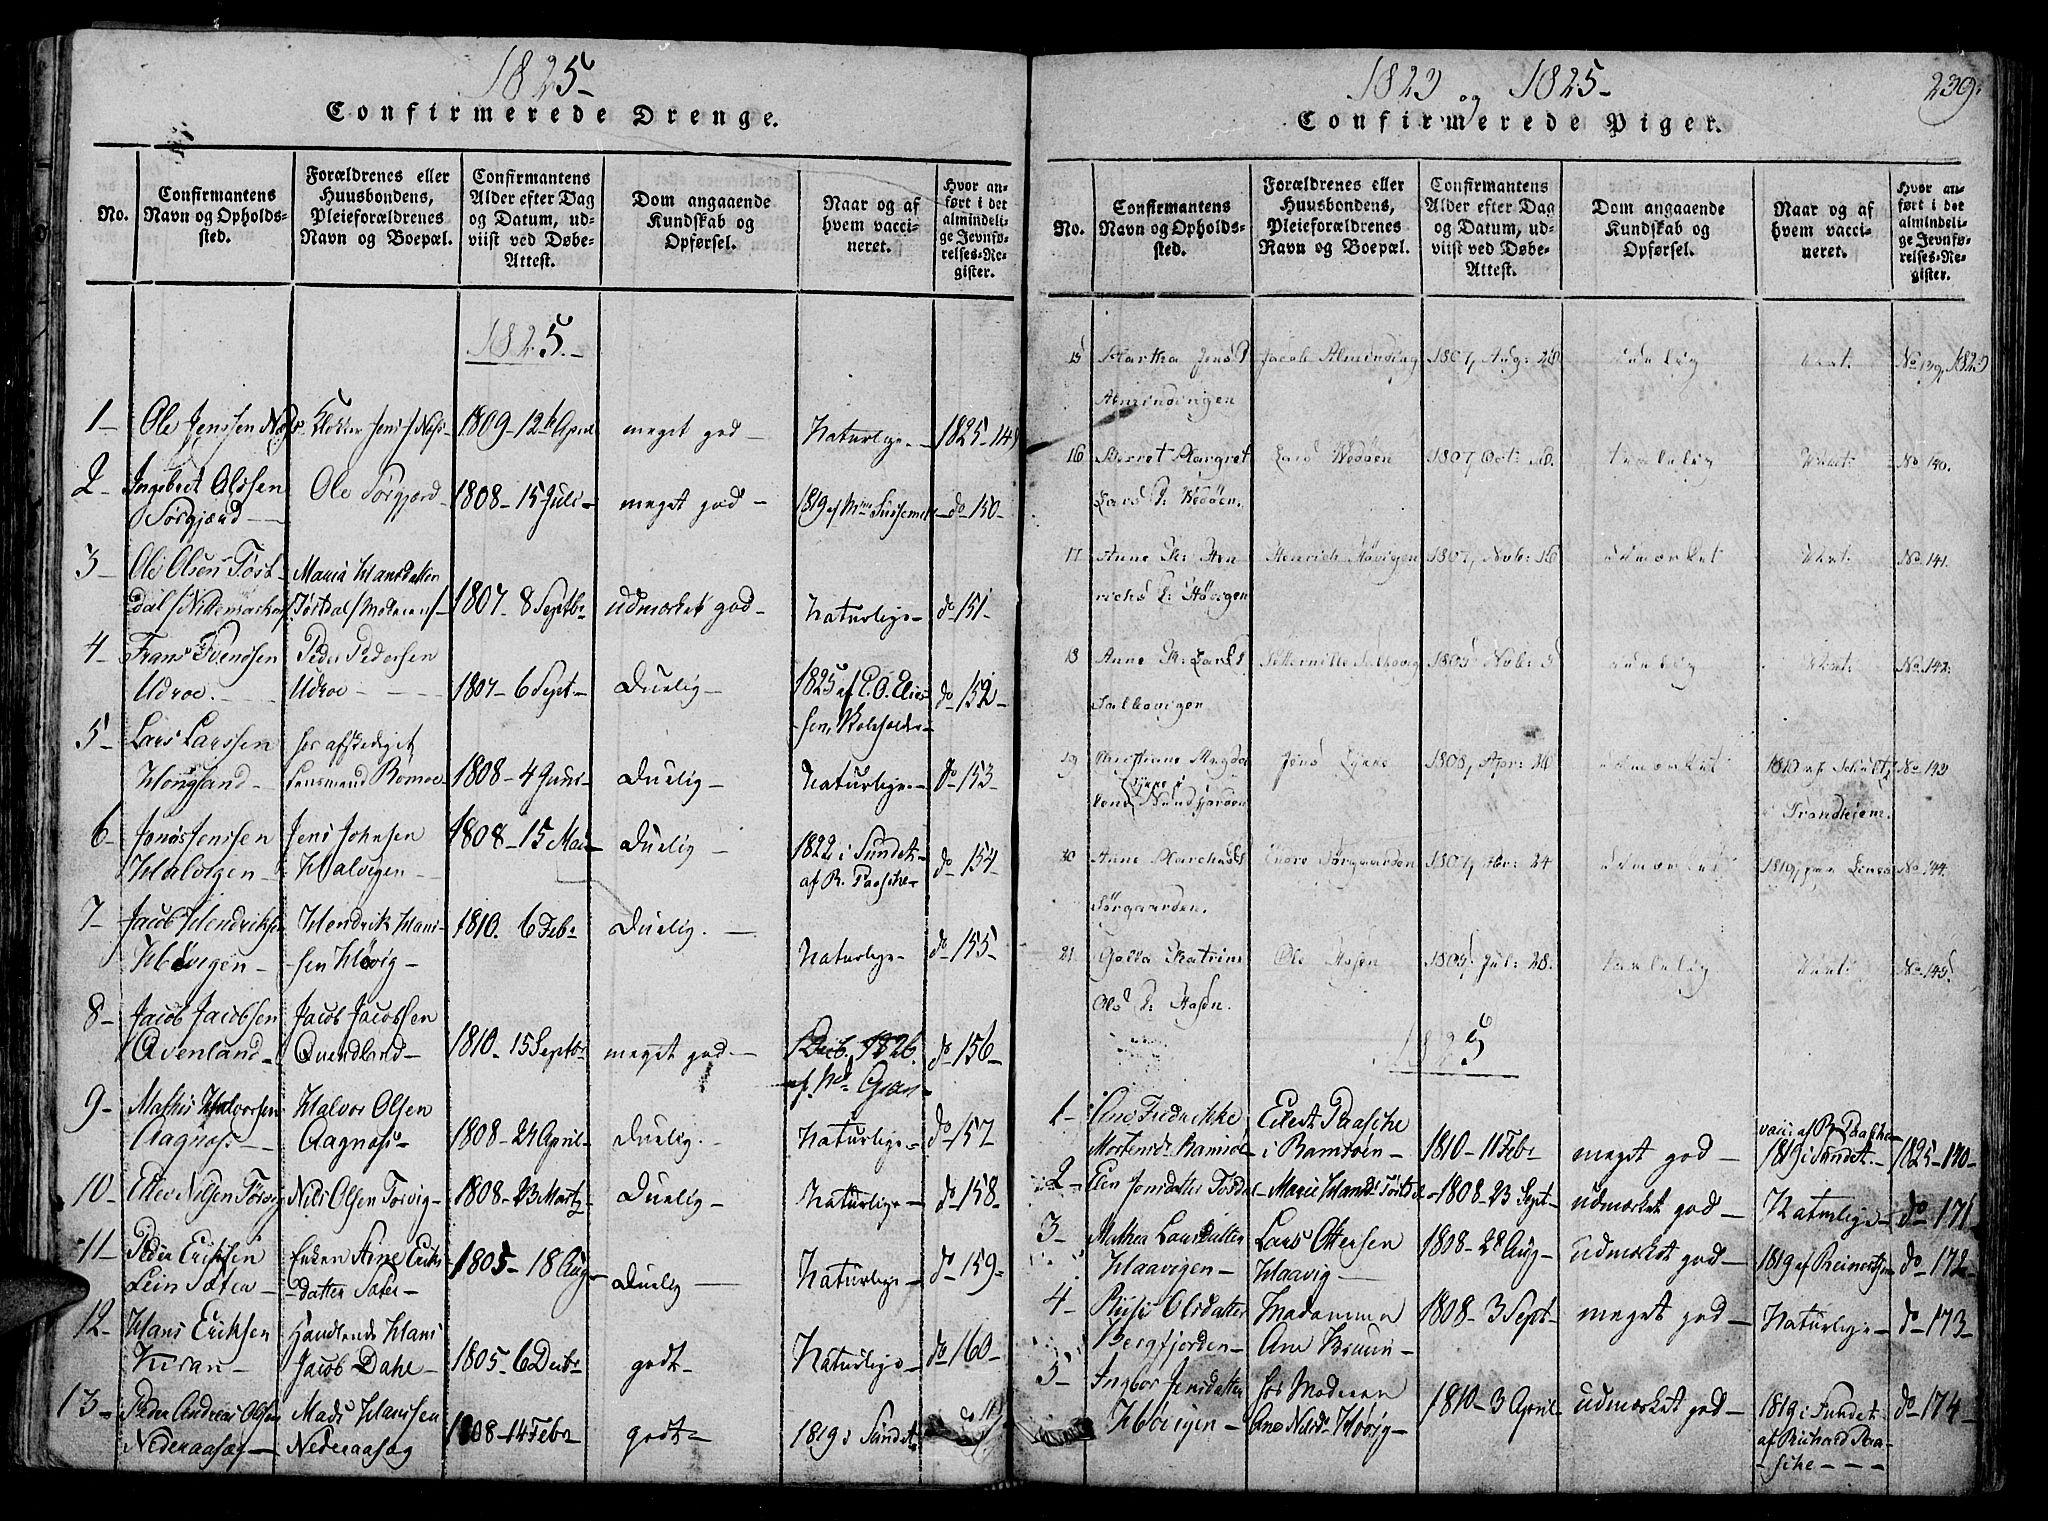 SAT, Ministerialprotokoller, klokkerbøker og fødselsregistre - Sør-Trøndelag, 657/L0702: Ministerialbok nr. 657A03, 1818-1831, s. 239